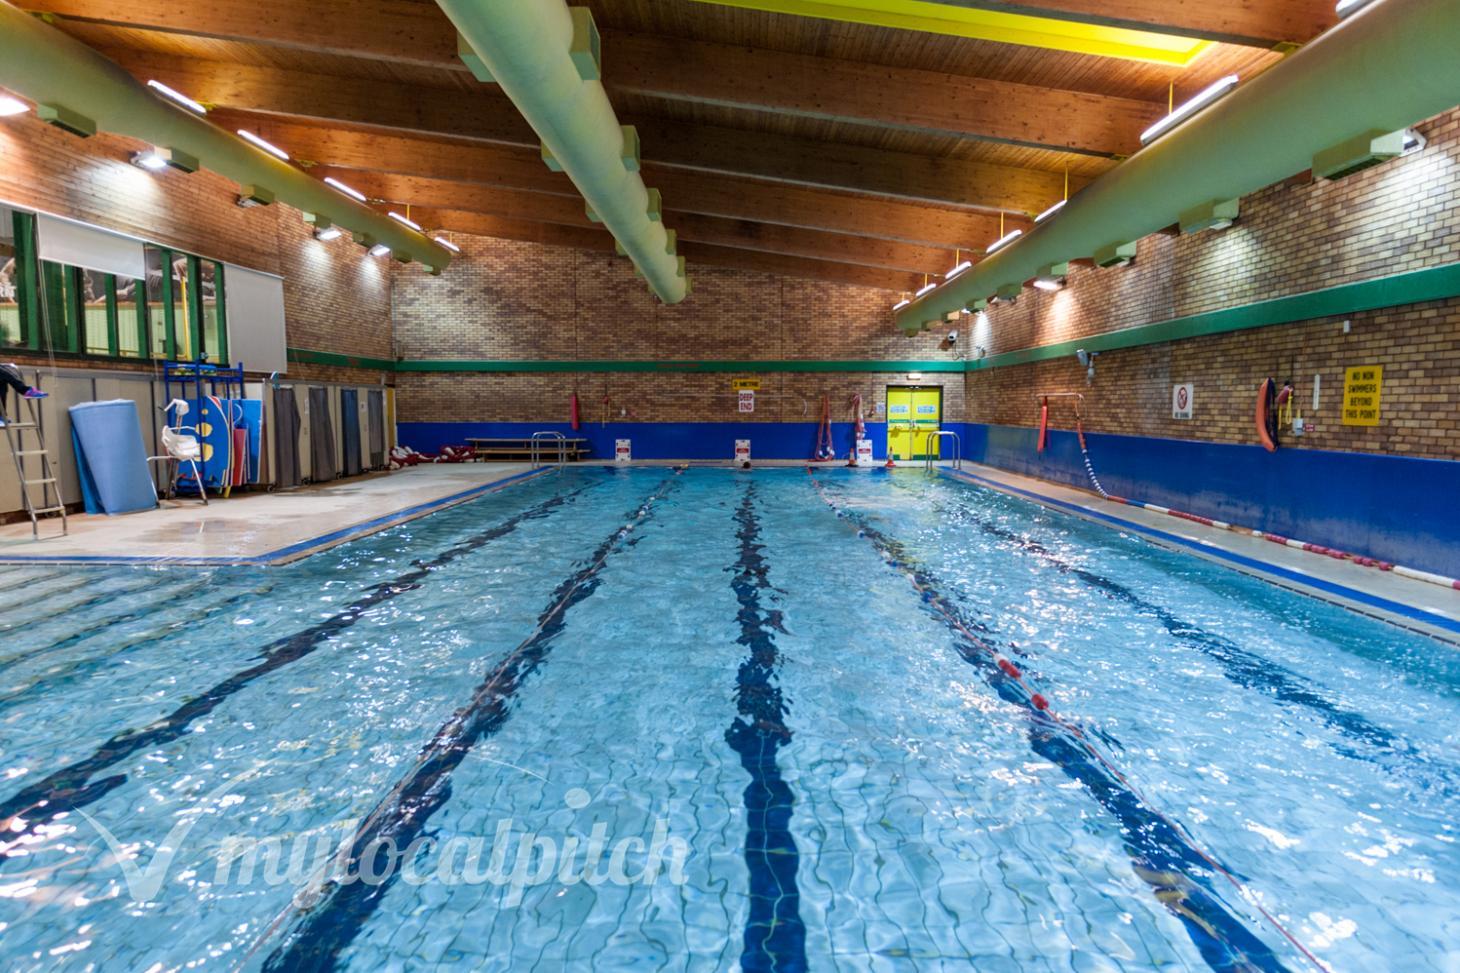 Eccles Leisure Centre Indoor swimming pool